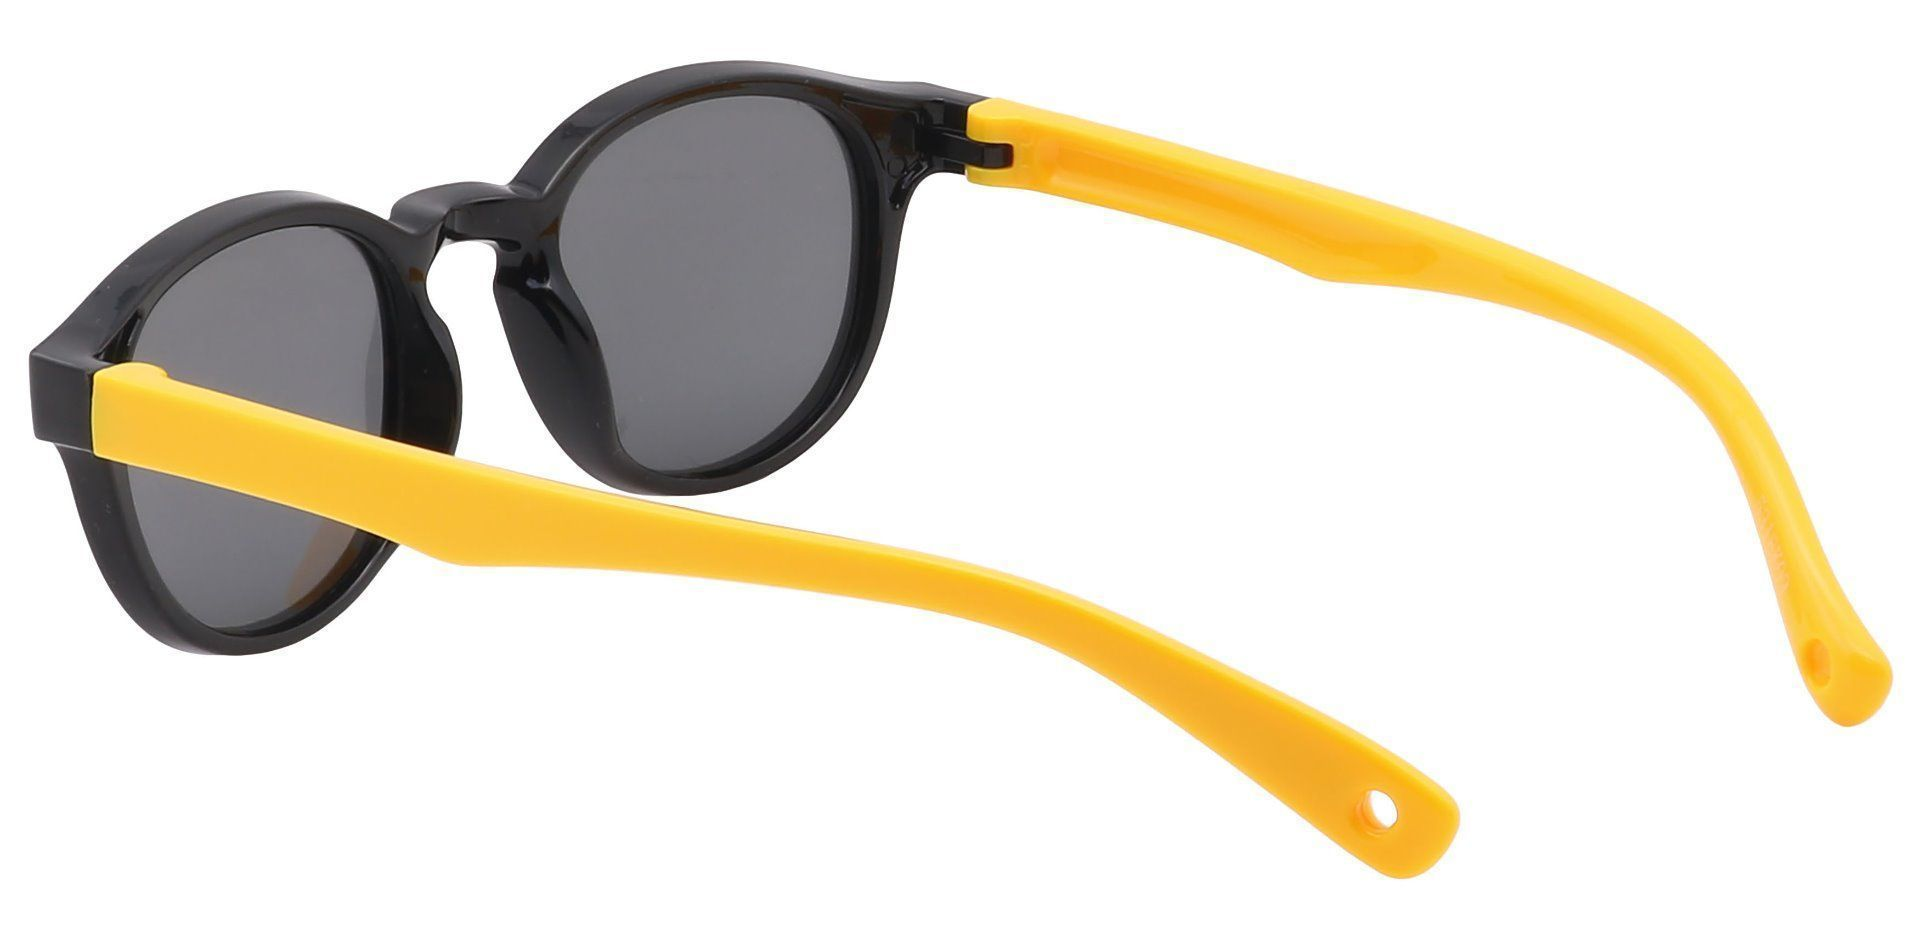 Carbon Round Black Non-Rx Sunglasses